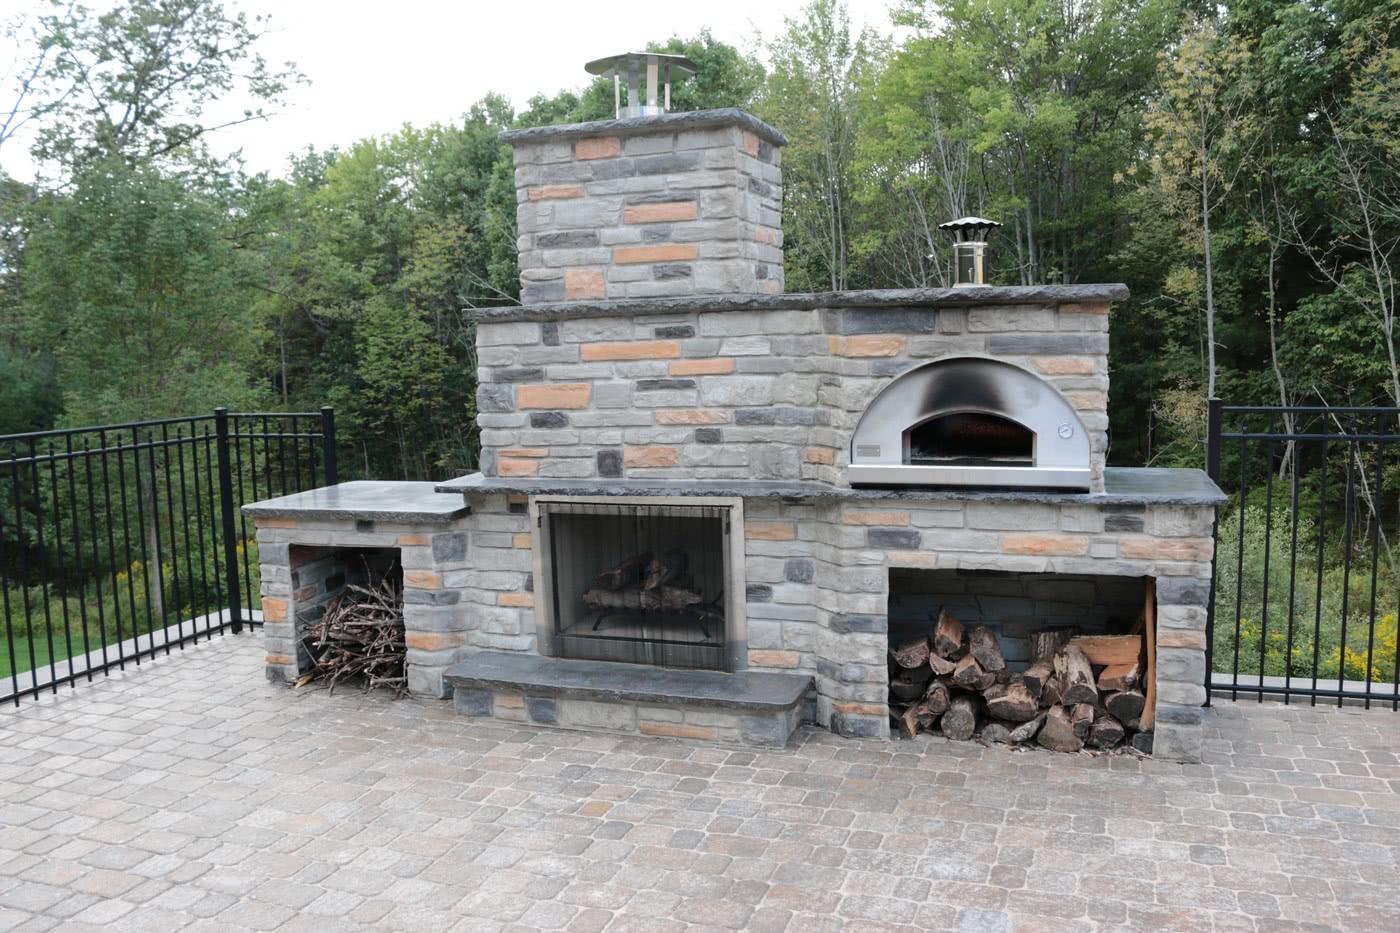 Outdoor Pizza Ovens Fontana Forni Italian Built Pizza